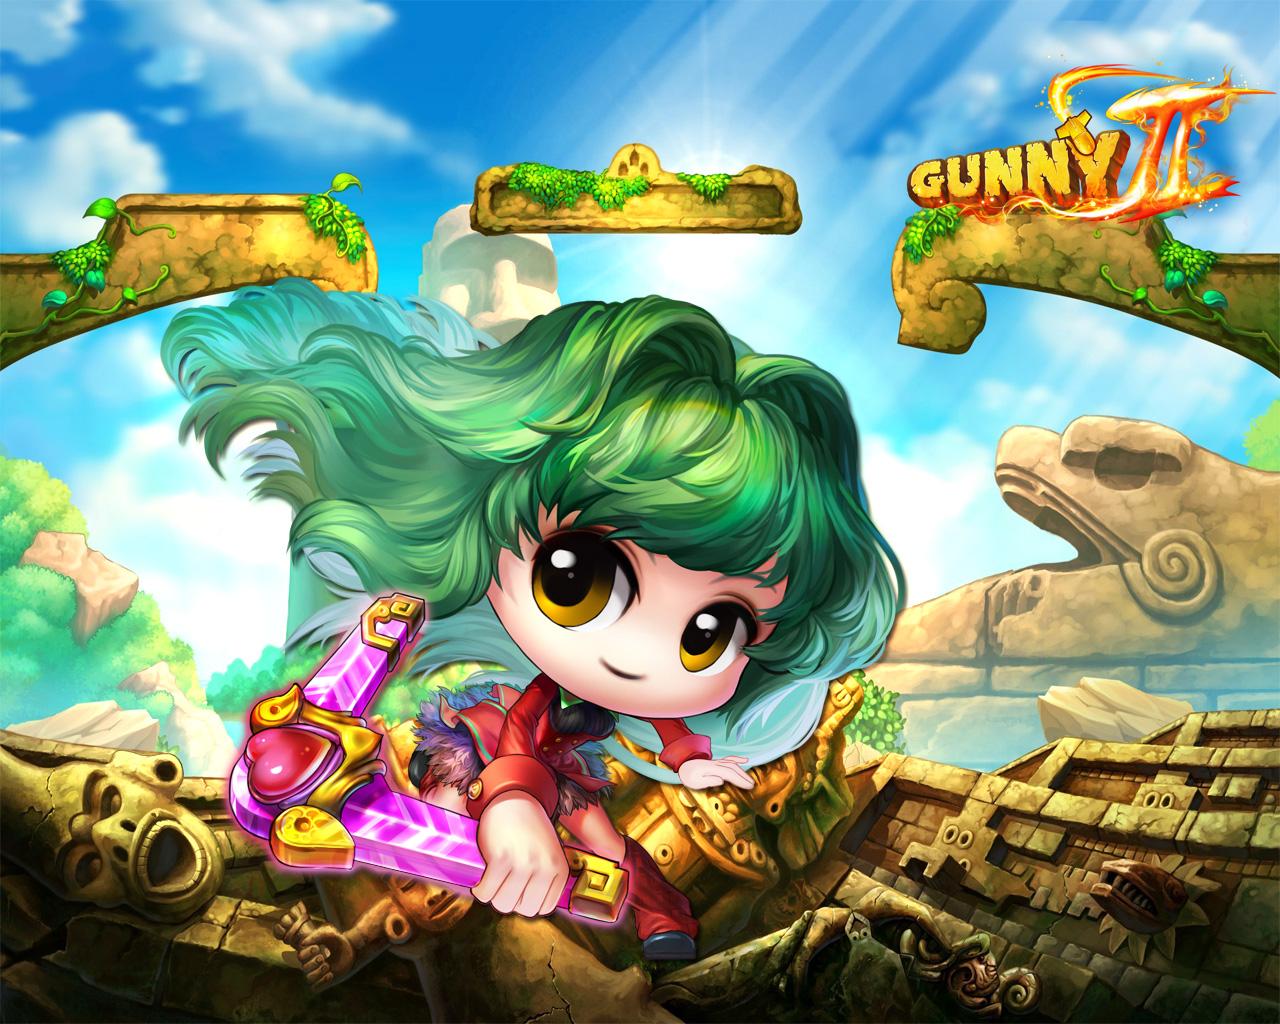 Bộ hình nền đẹp tuyệt của Gunny 2